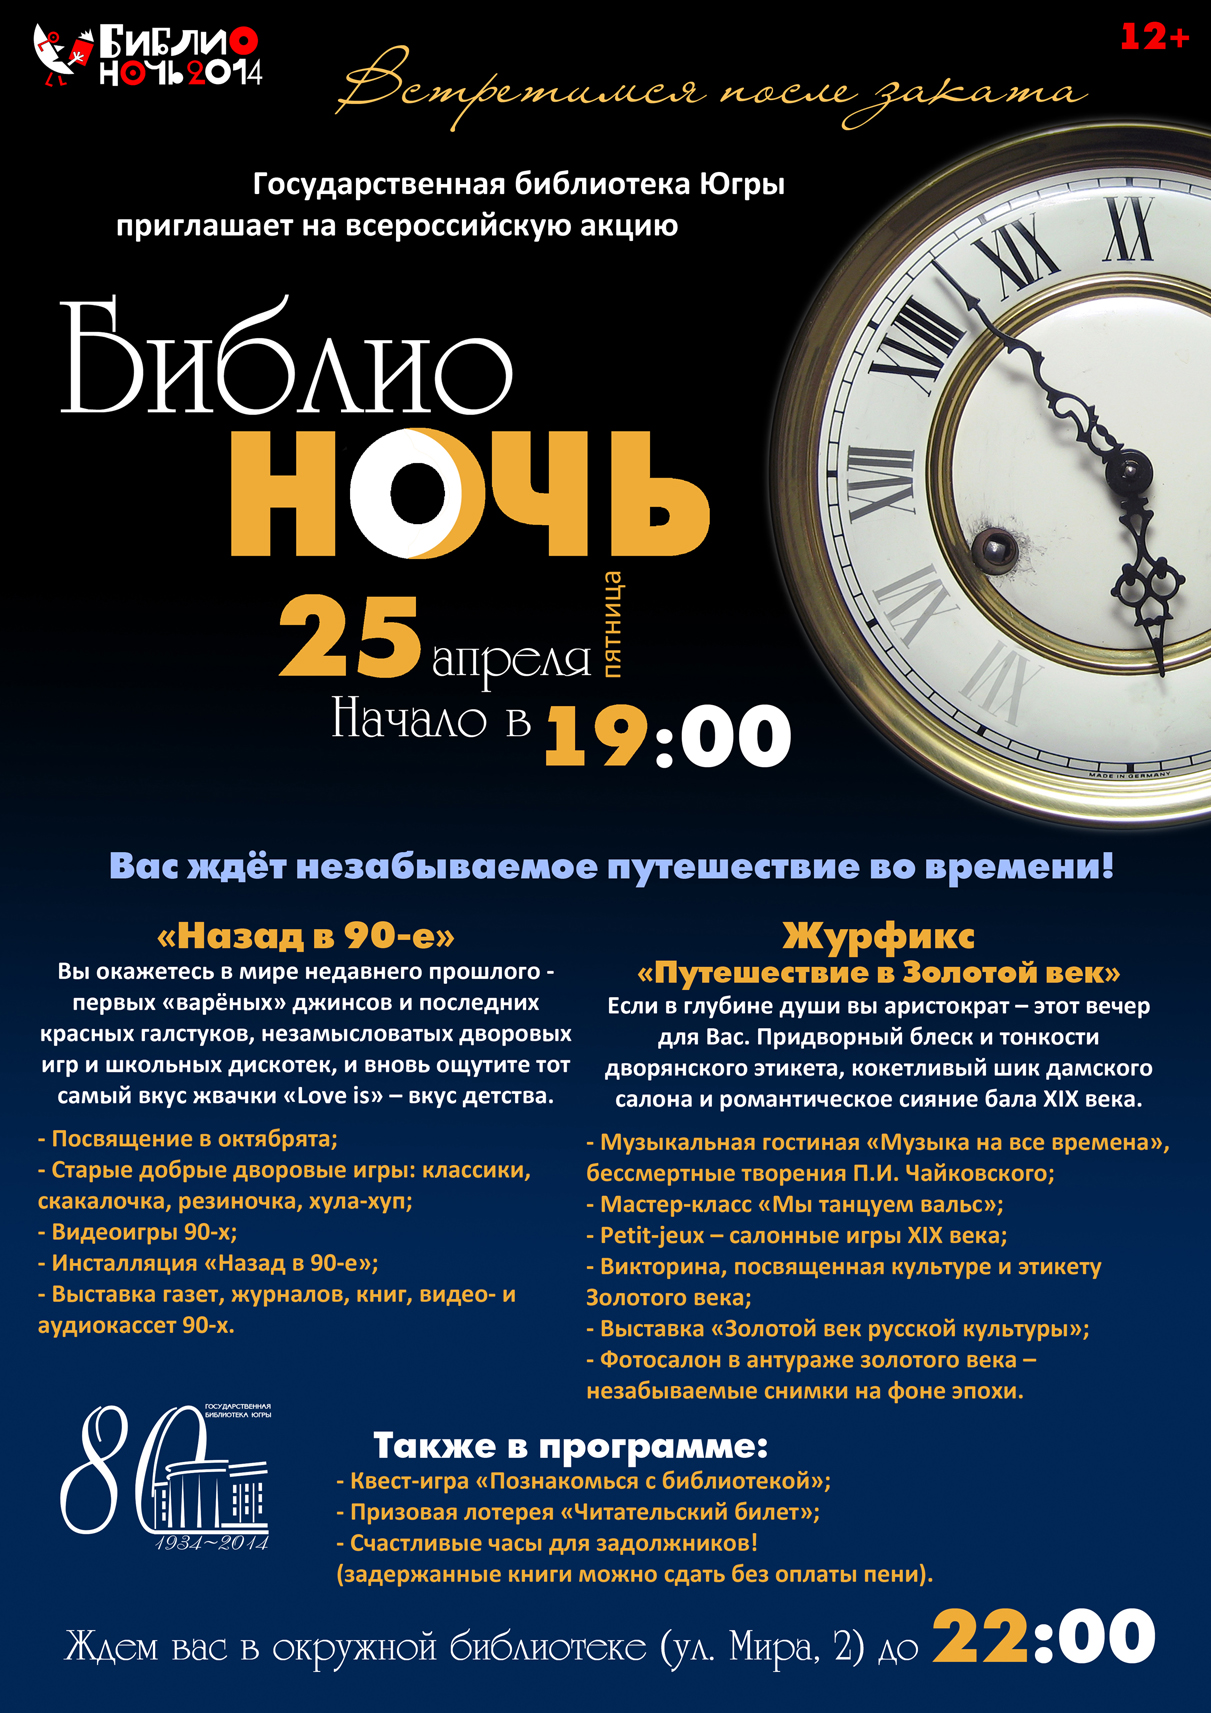 В Ханты-Мансийске наступит «Библионочь» 2014